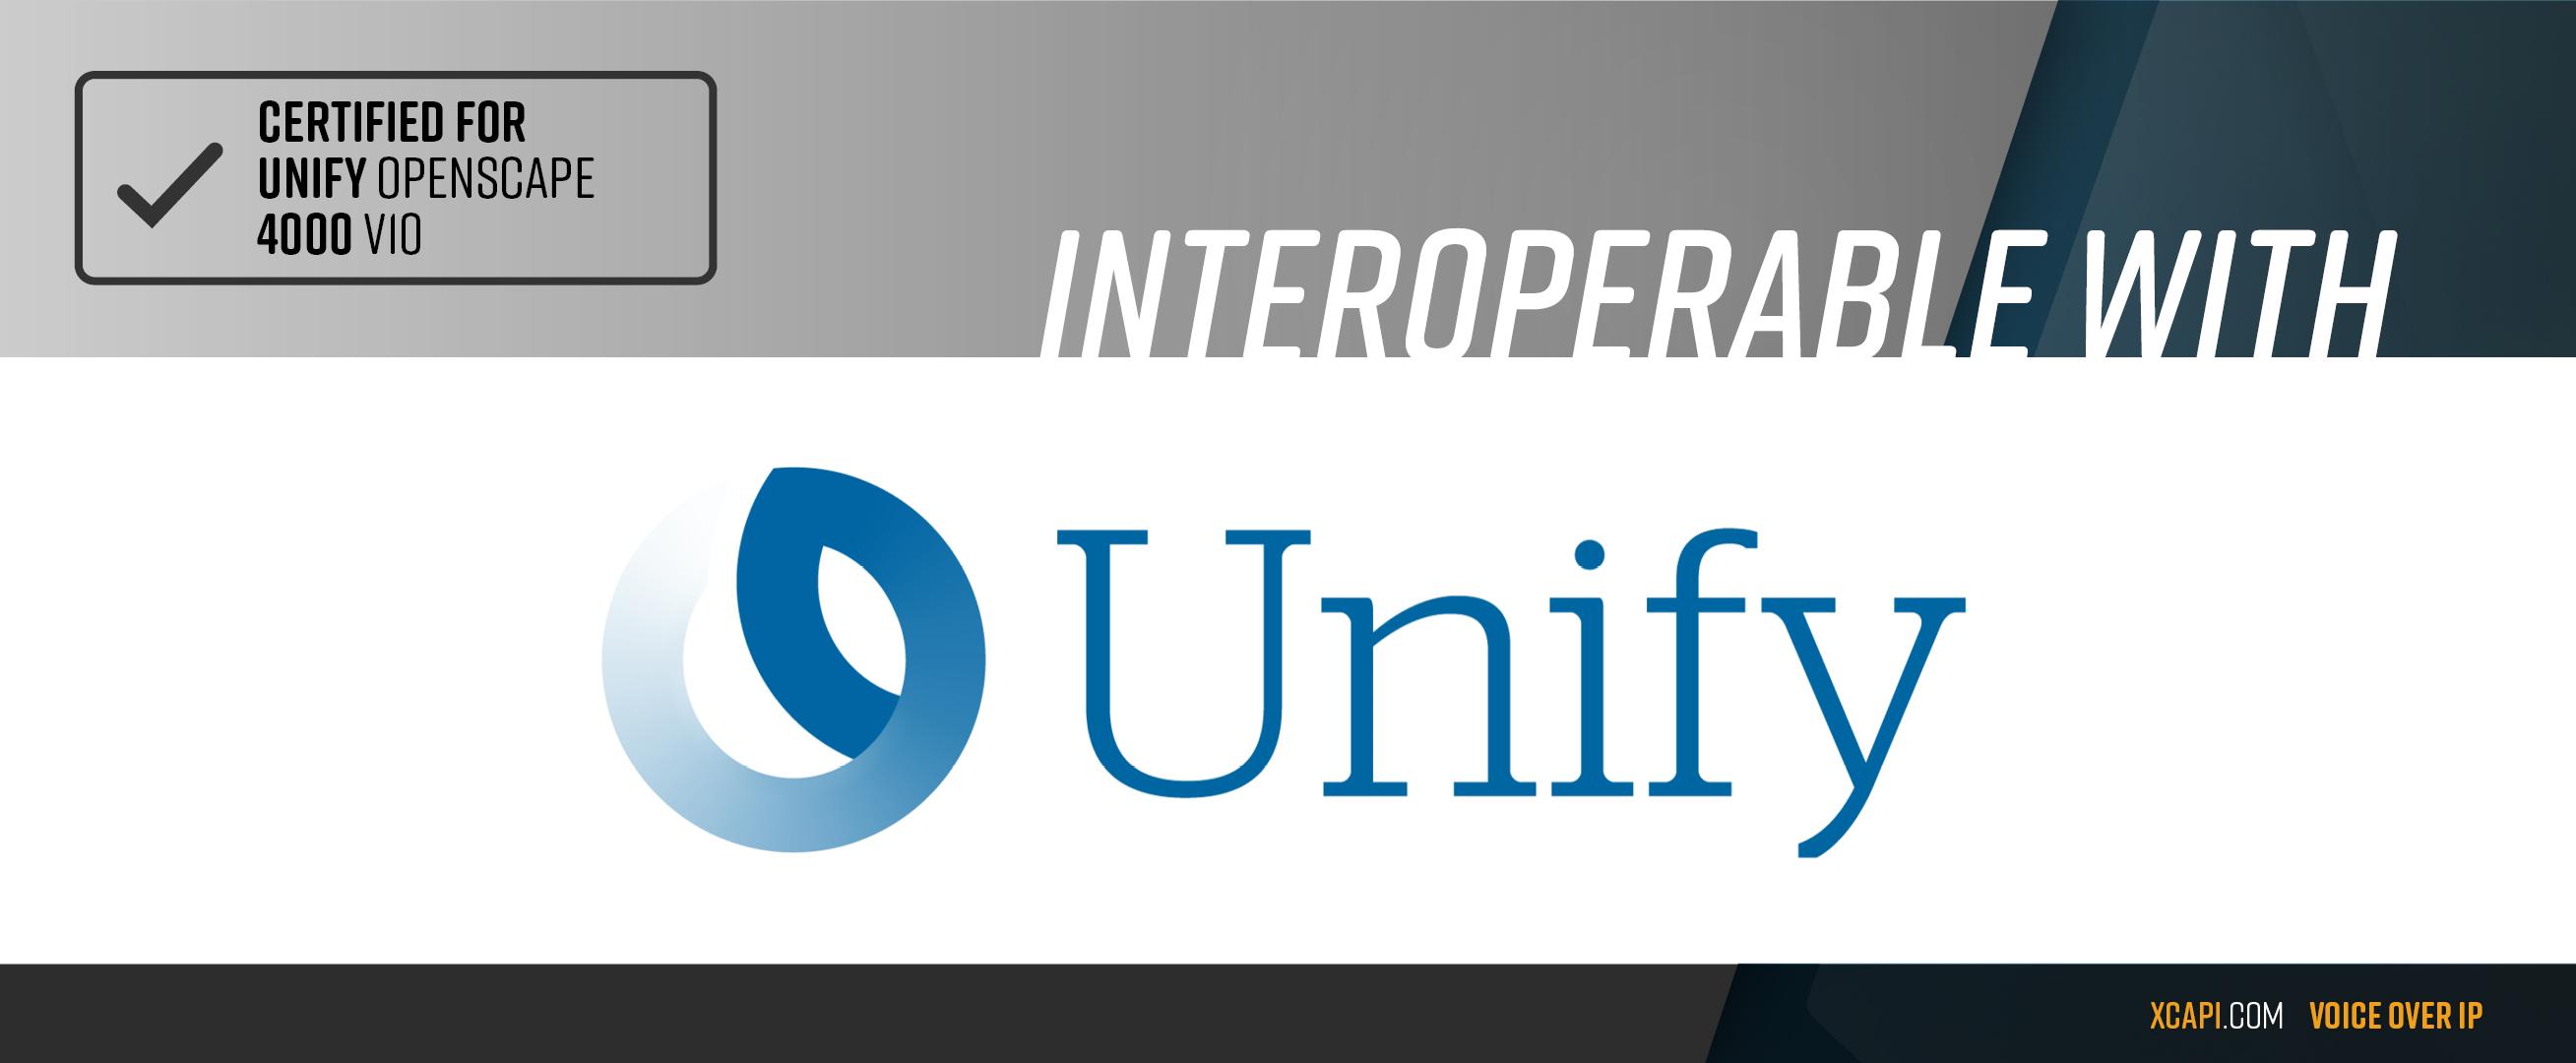 Neue Zertifizierung für Atos Unify OpenScape Business V3 und OpenScape 4000 V10